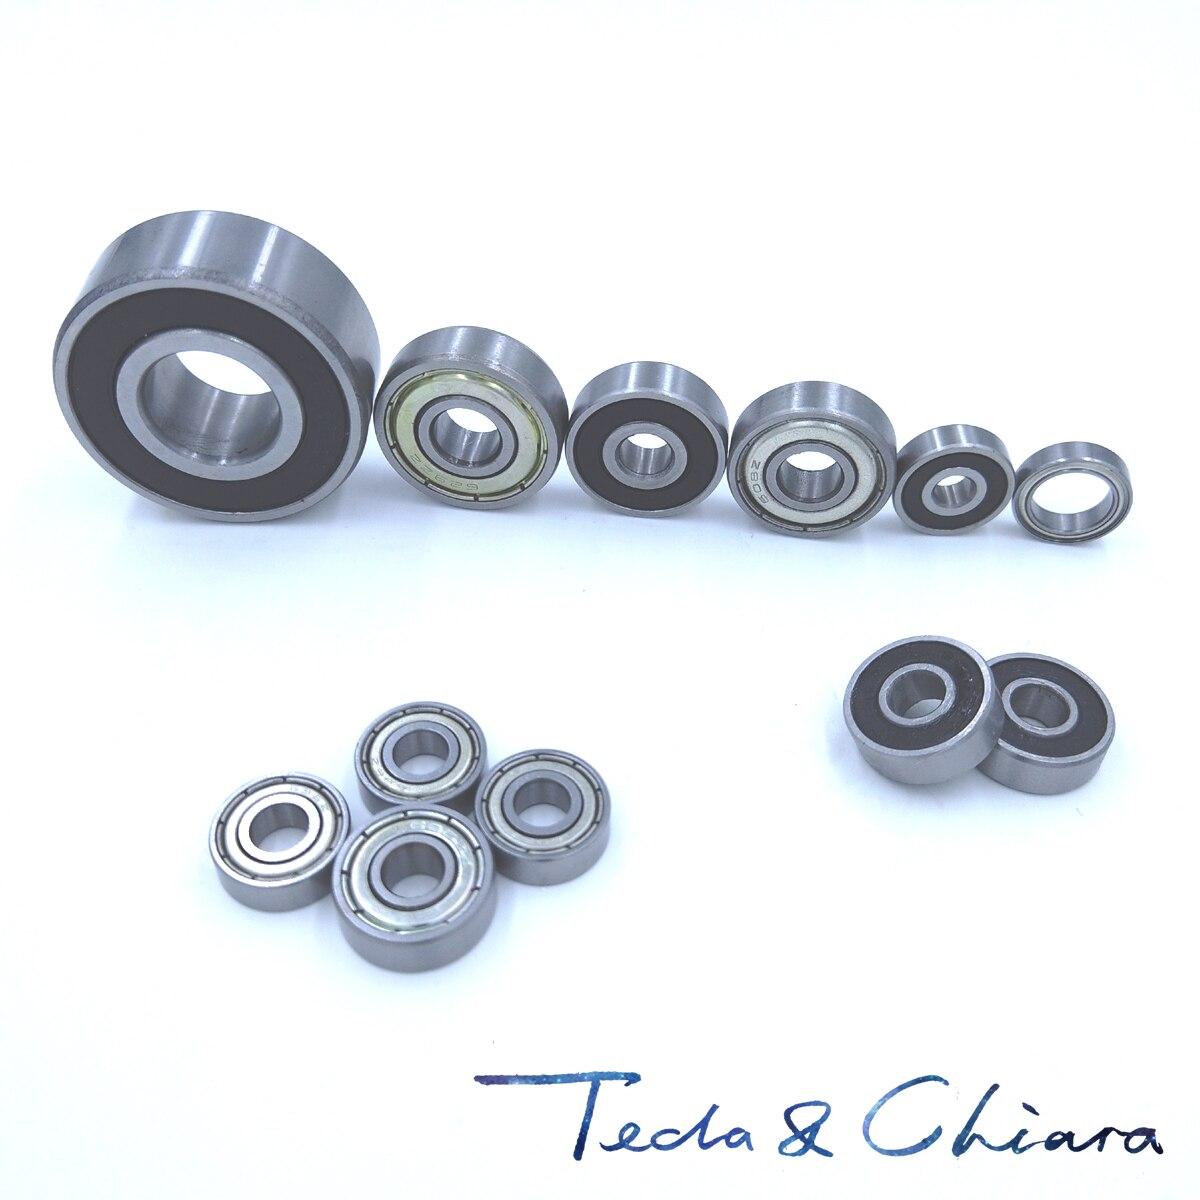 10Pcs 6901 6901ZZ 6901RS 6901-2Z 6901Z 6901-2RS ZZ RS RZ 2RZ Deep Groove Ball Bearings 12 X 24 X 6mm High Quality